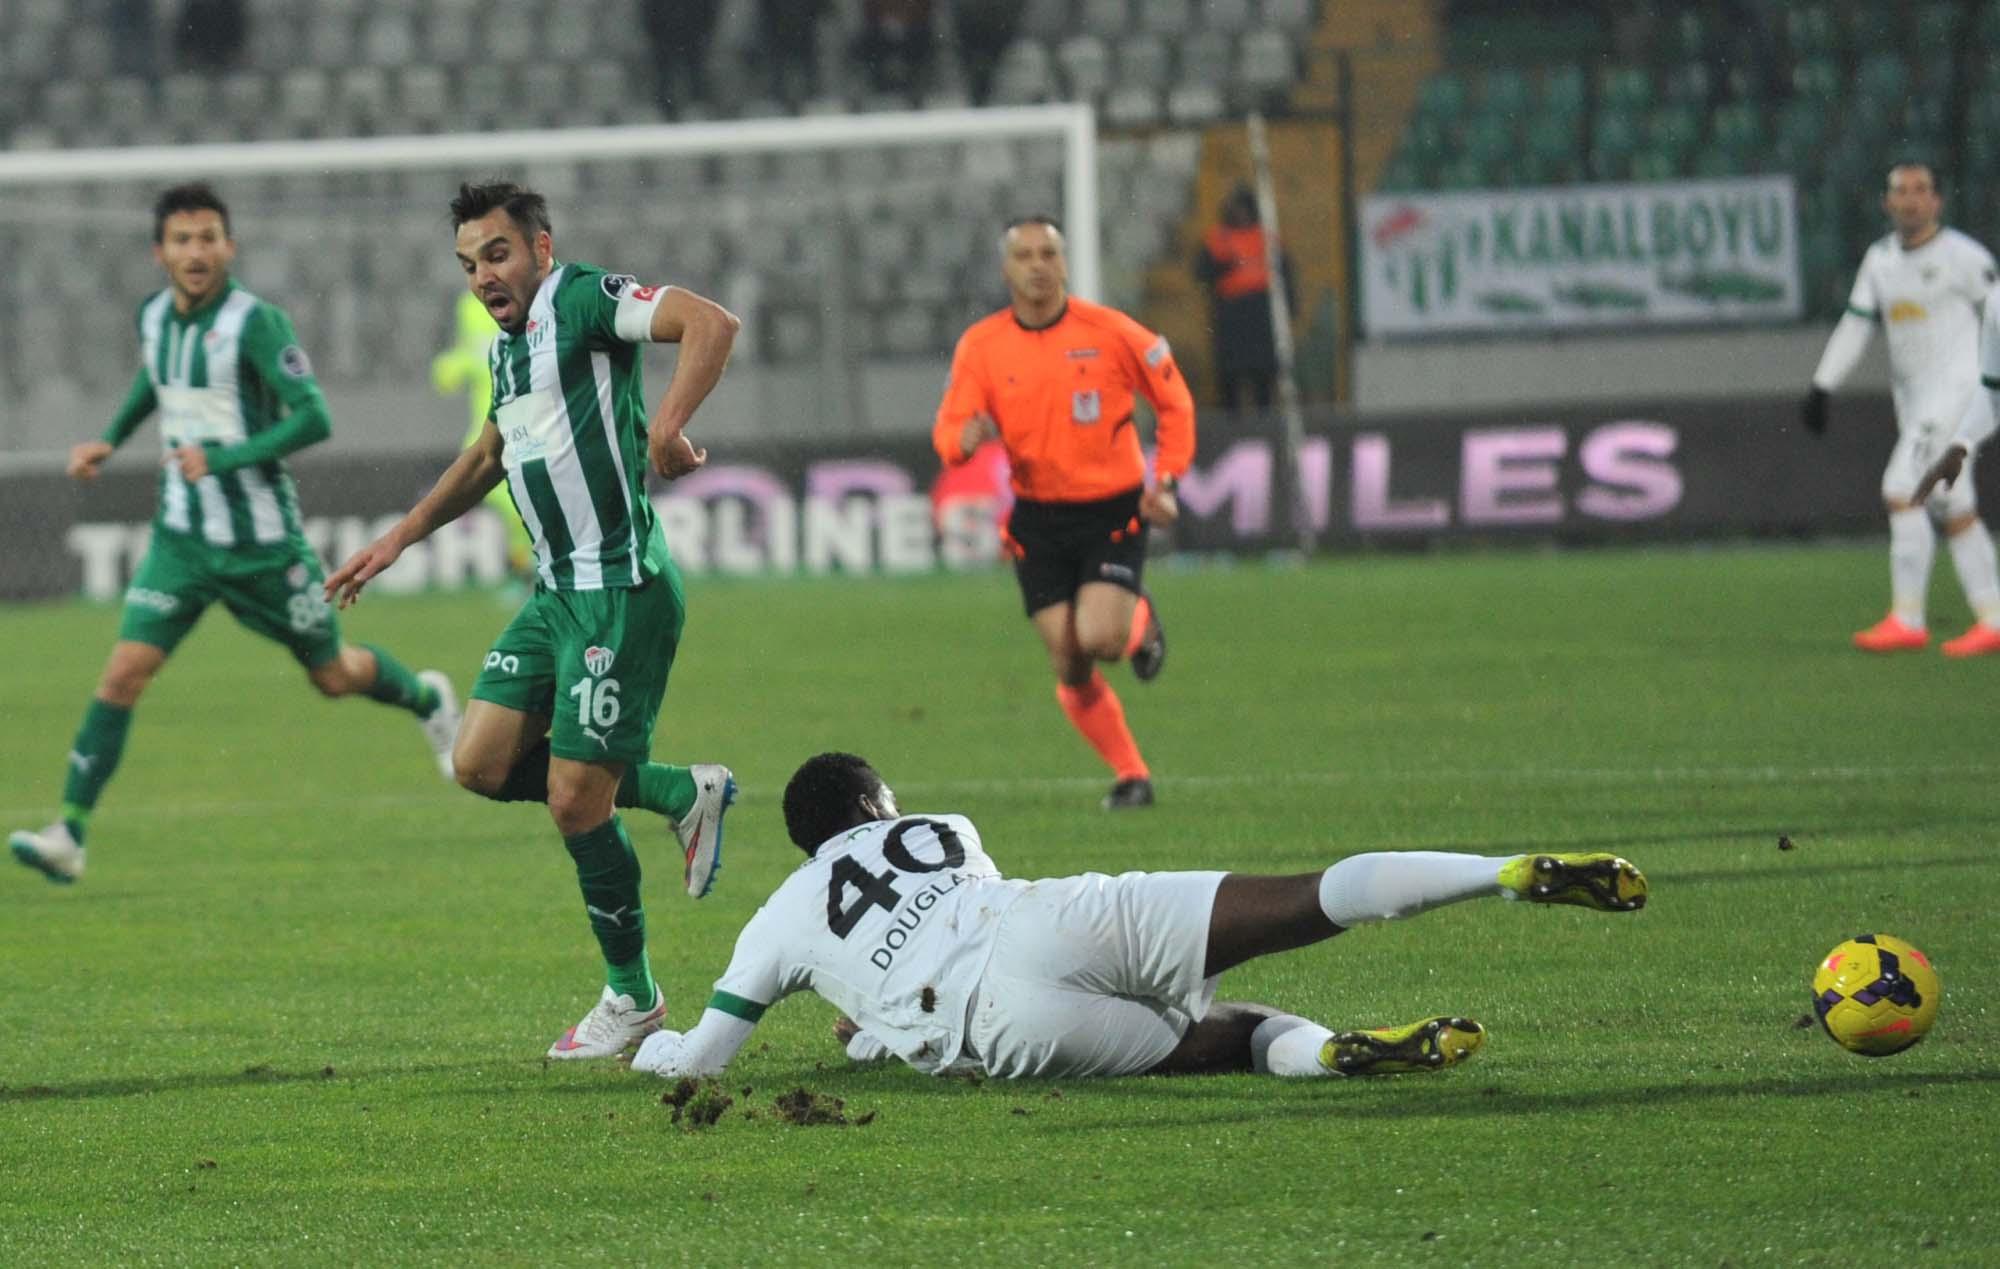 Bursaspor 3-1 Akhisar Belediyespor 51